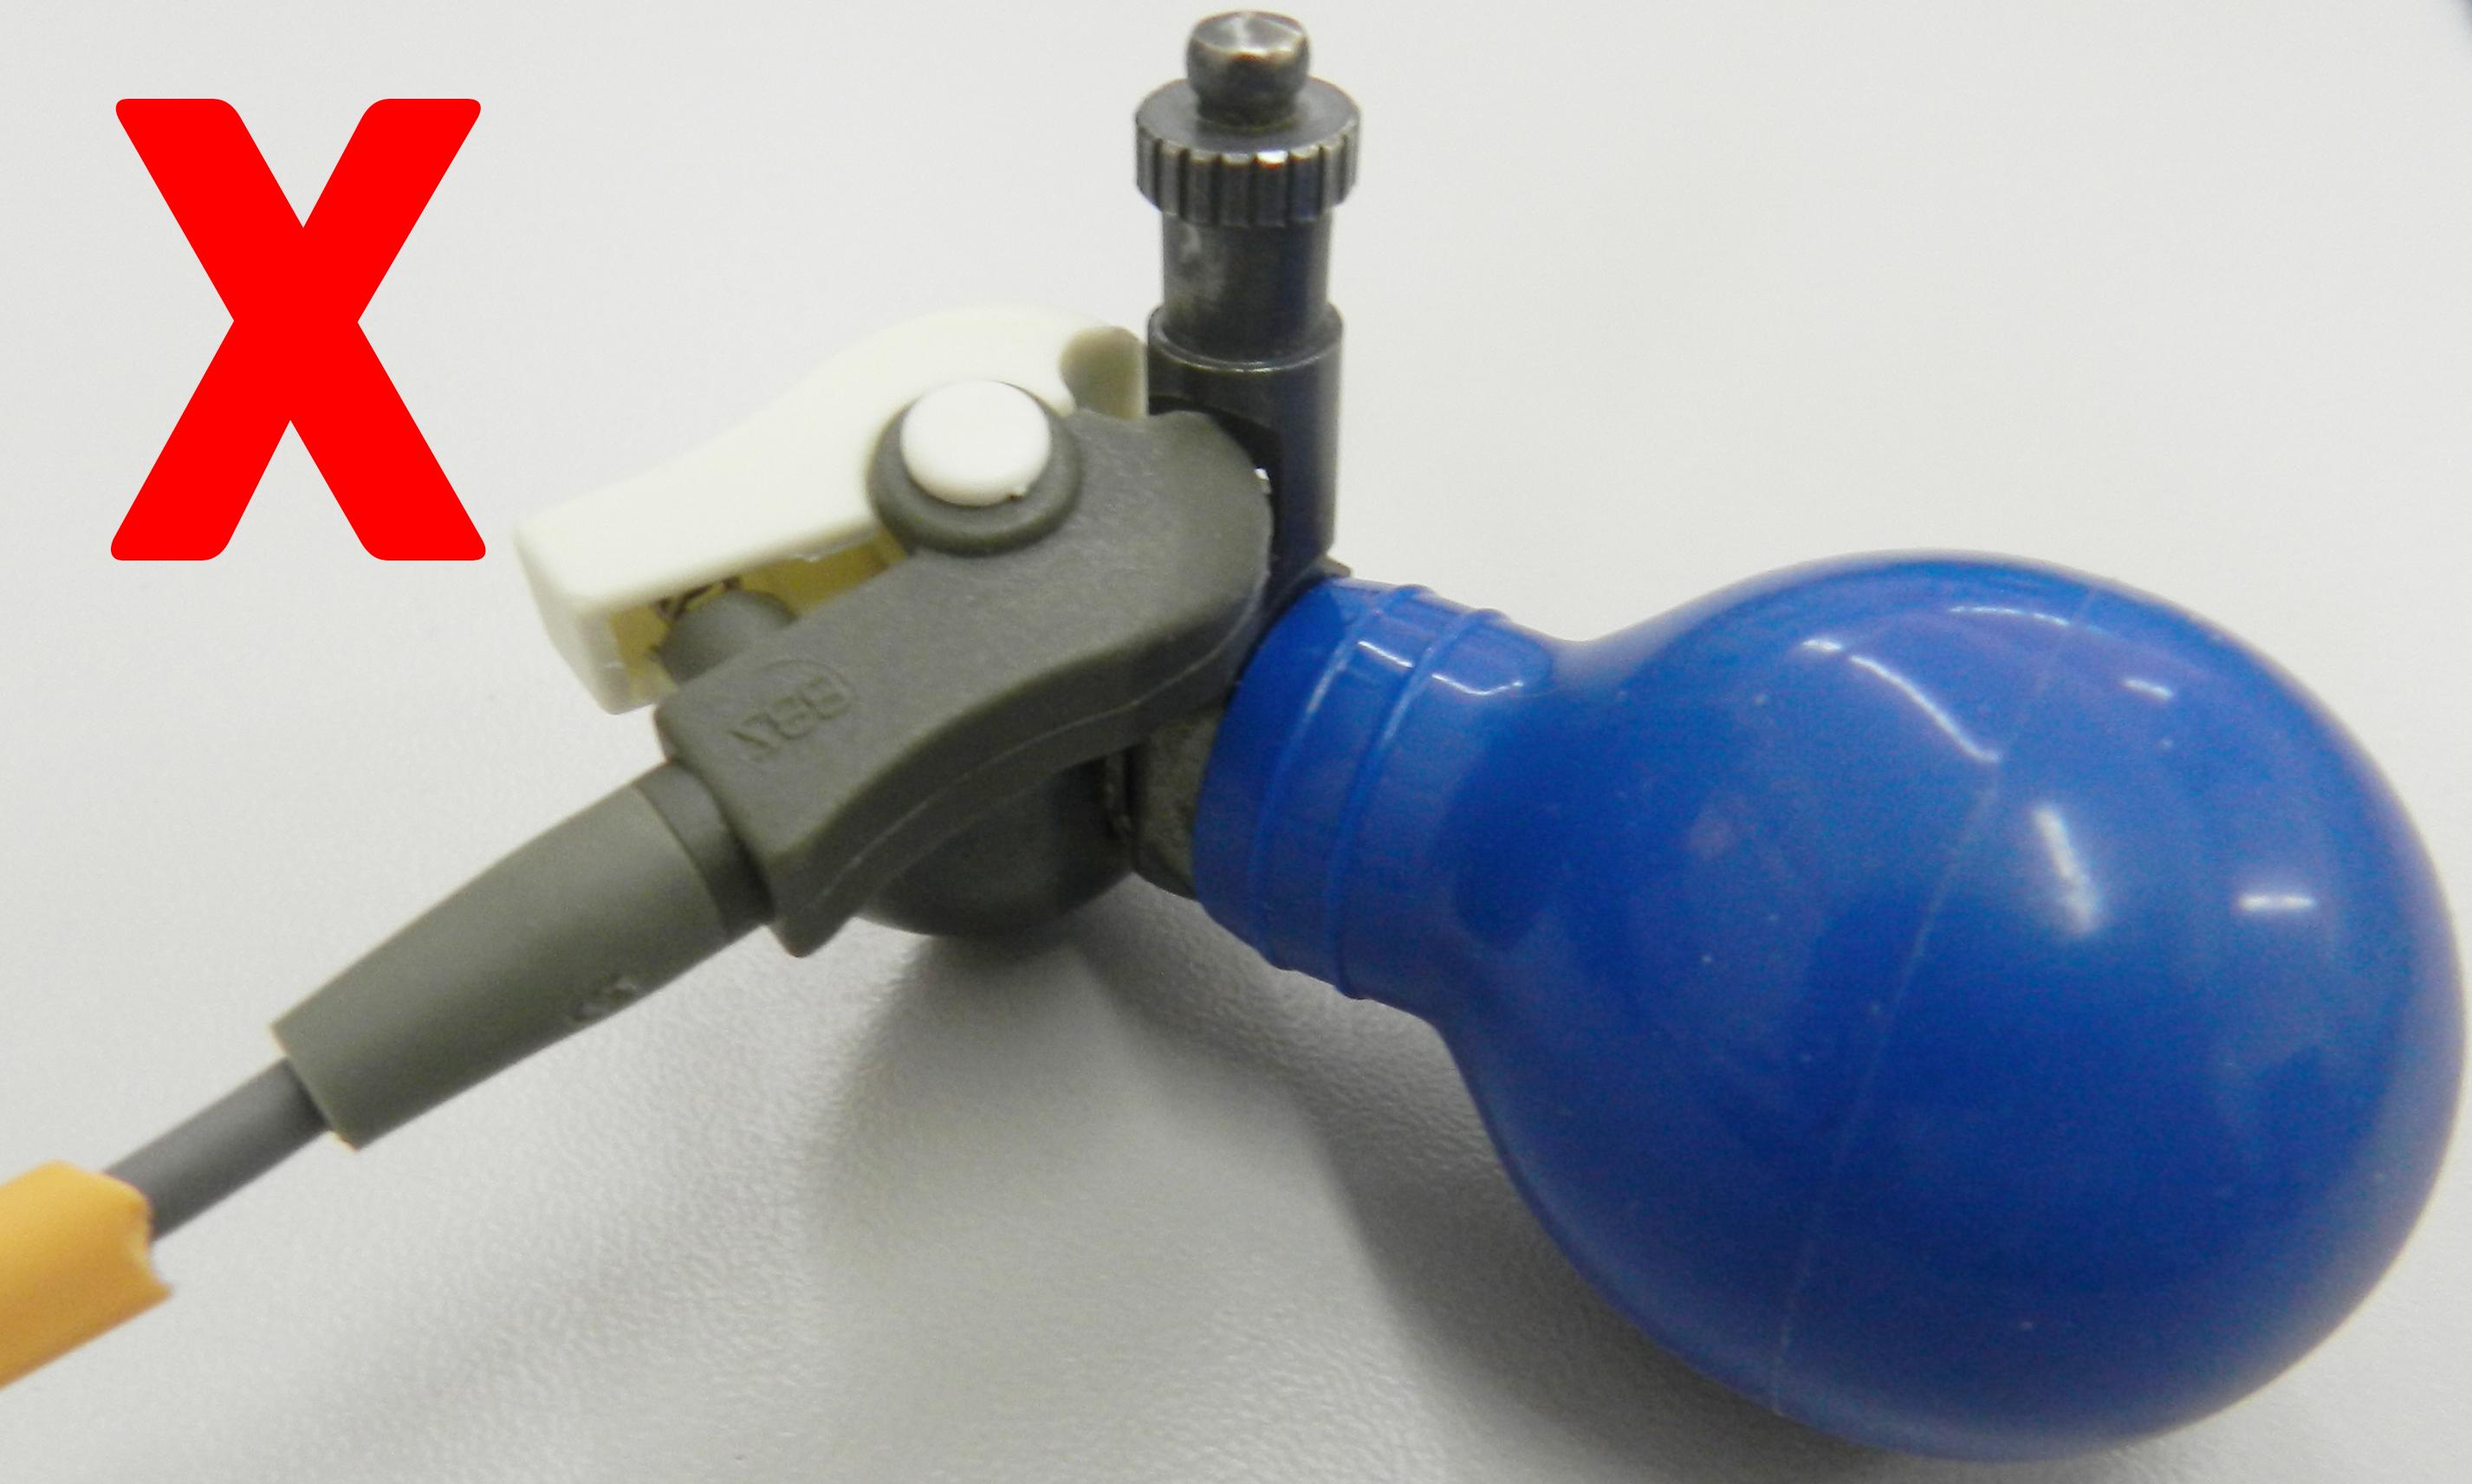 A garrinha deve se prender e abraçar a ponta do eletrodo. Seu formato permite um perfeito encaixe.